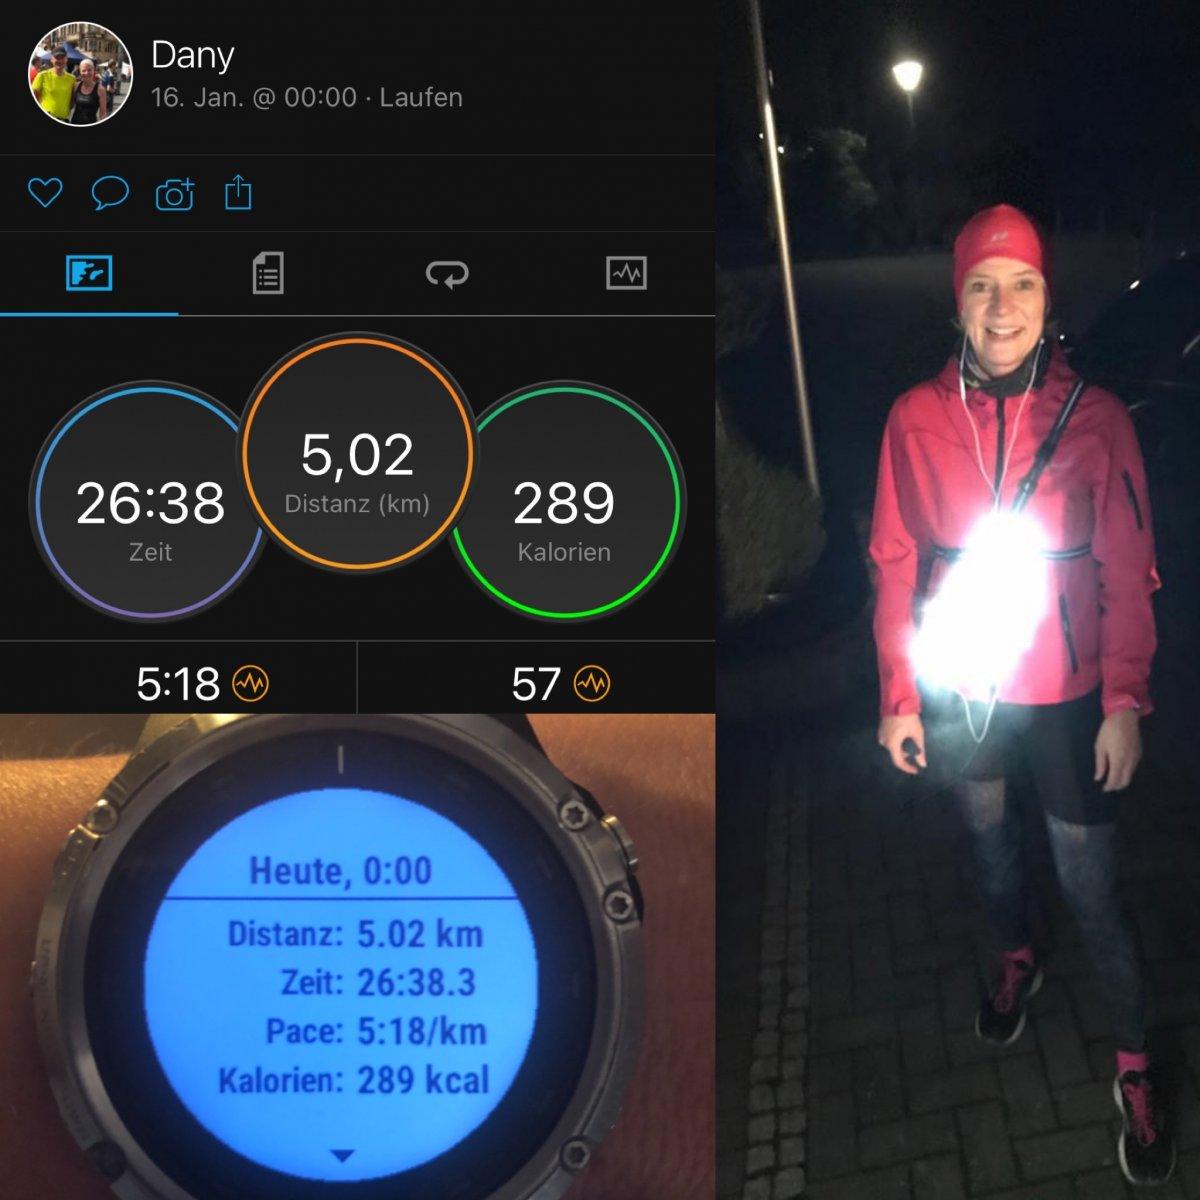 Reckmann-Dany-3-Challenge-Mitternachts-Lauf-dyJIk